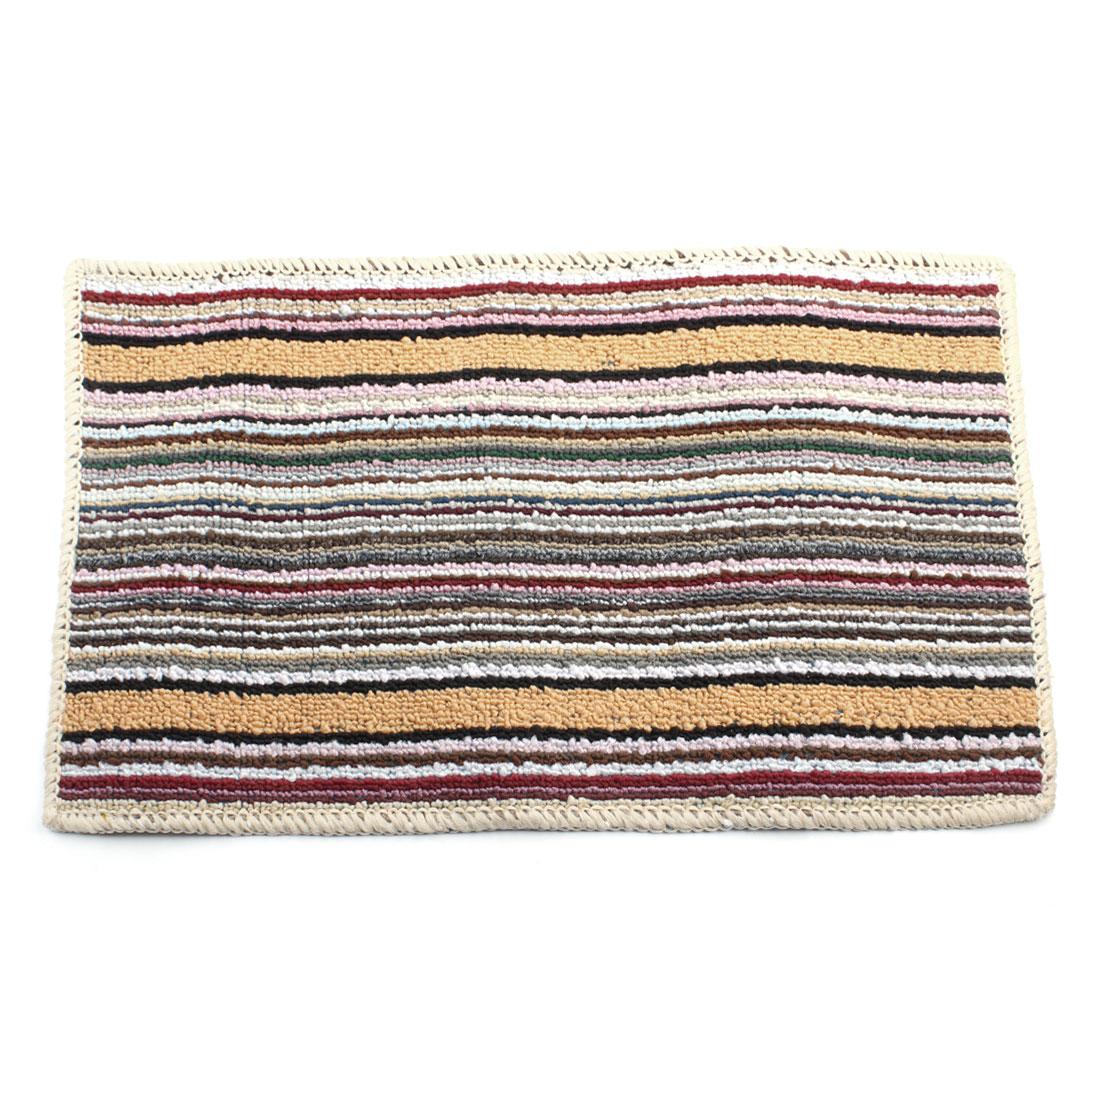 54cm x 33cm Home Rectangular Striped Printed Nonslip Floor Mat Area Rug Carpet